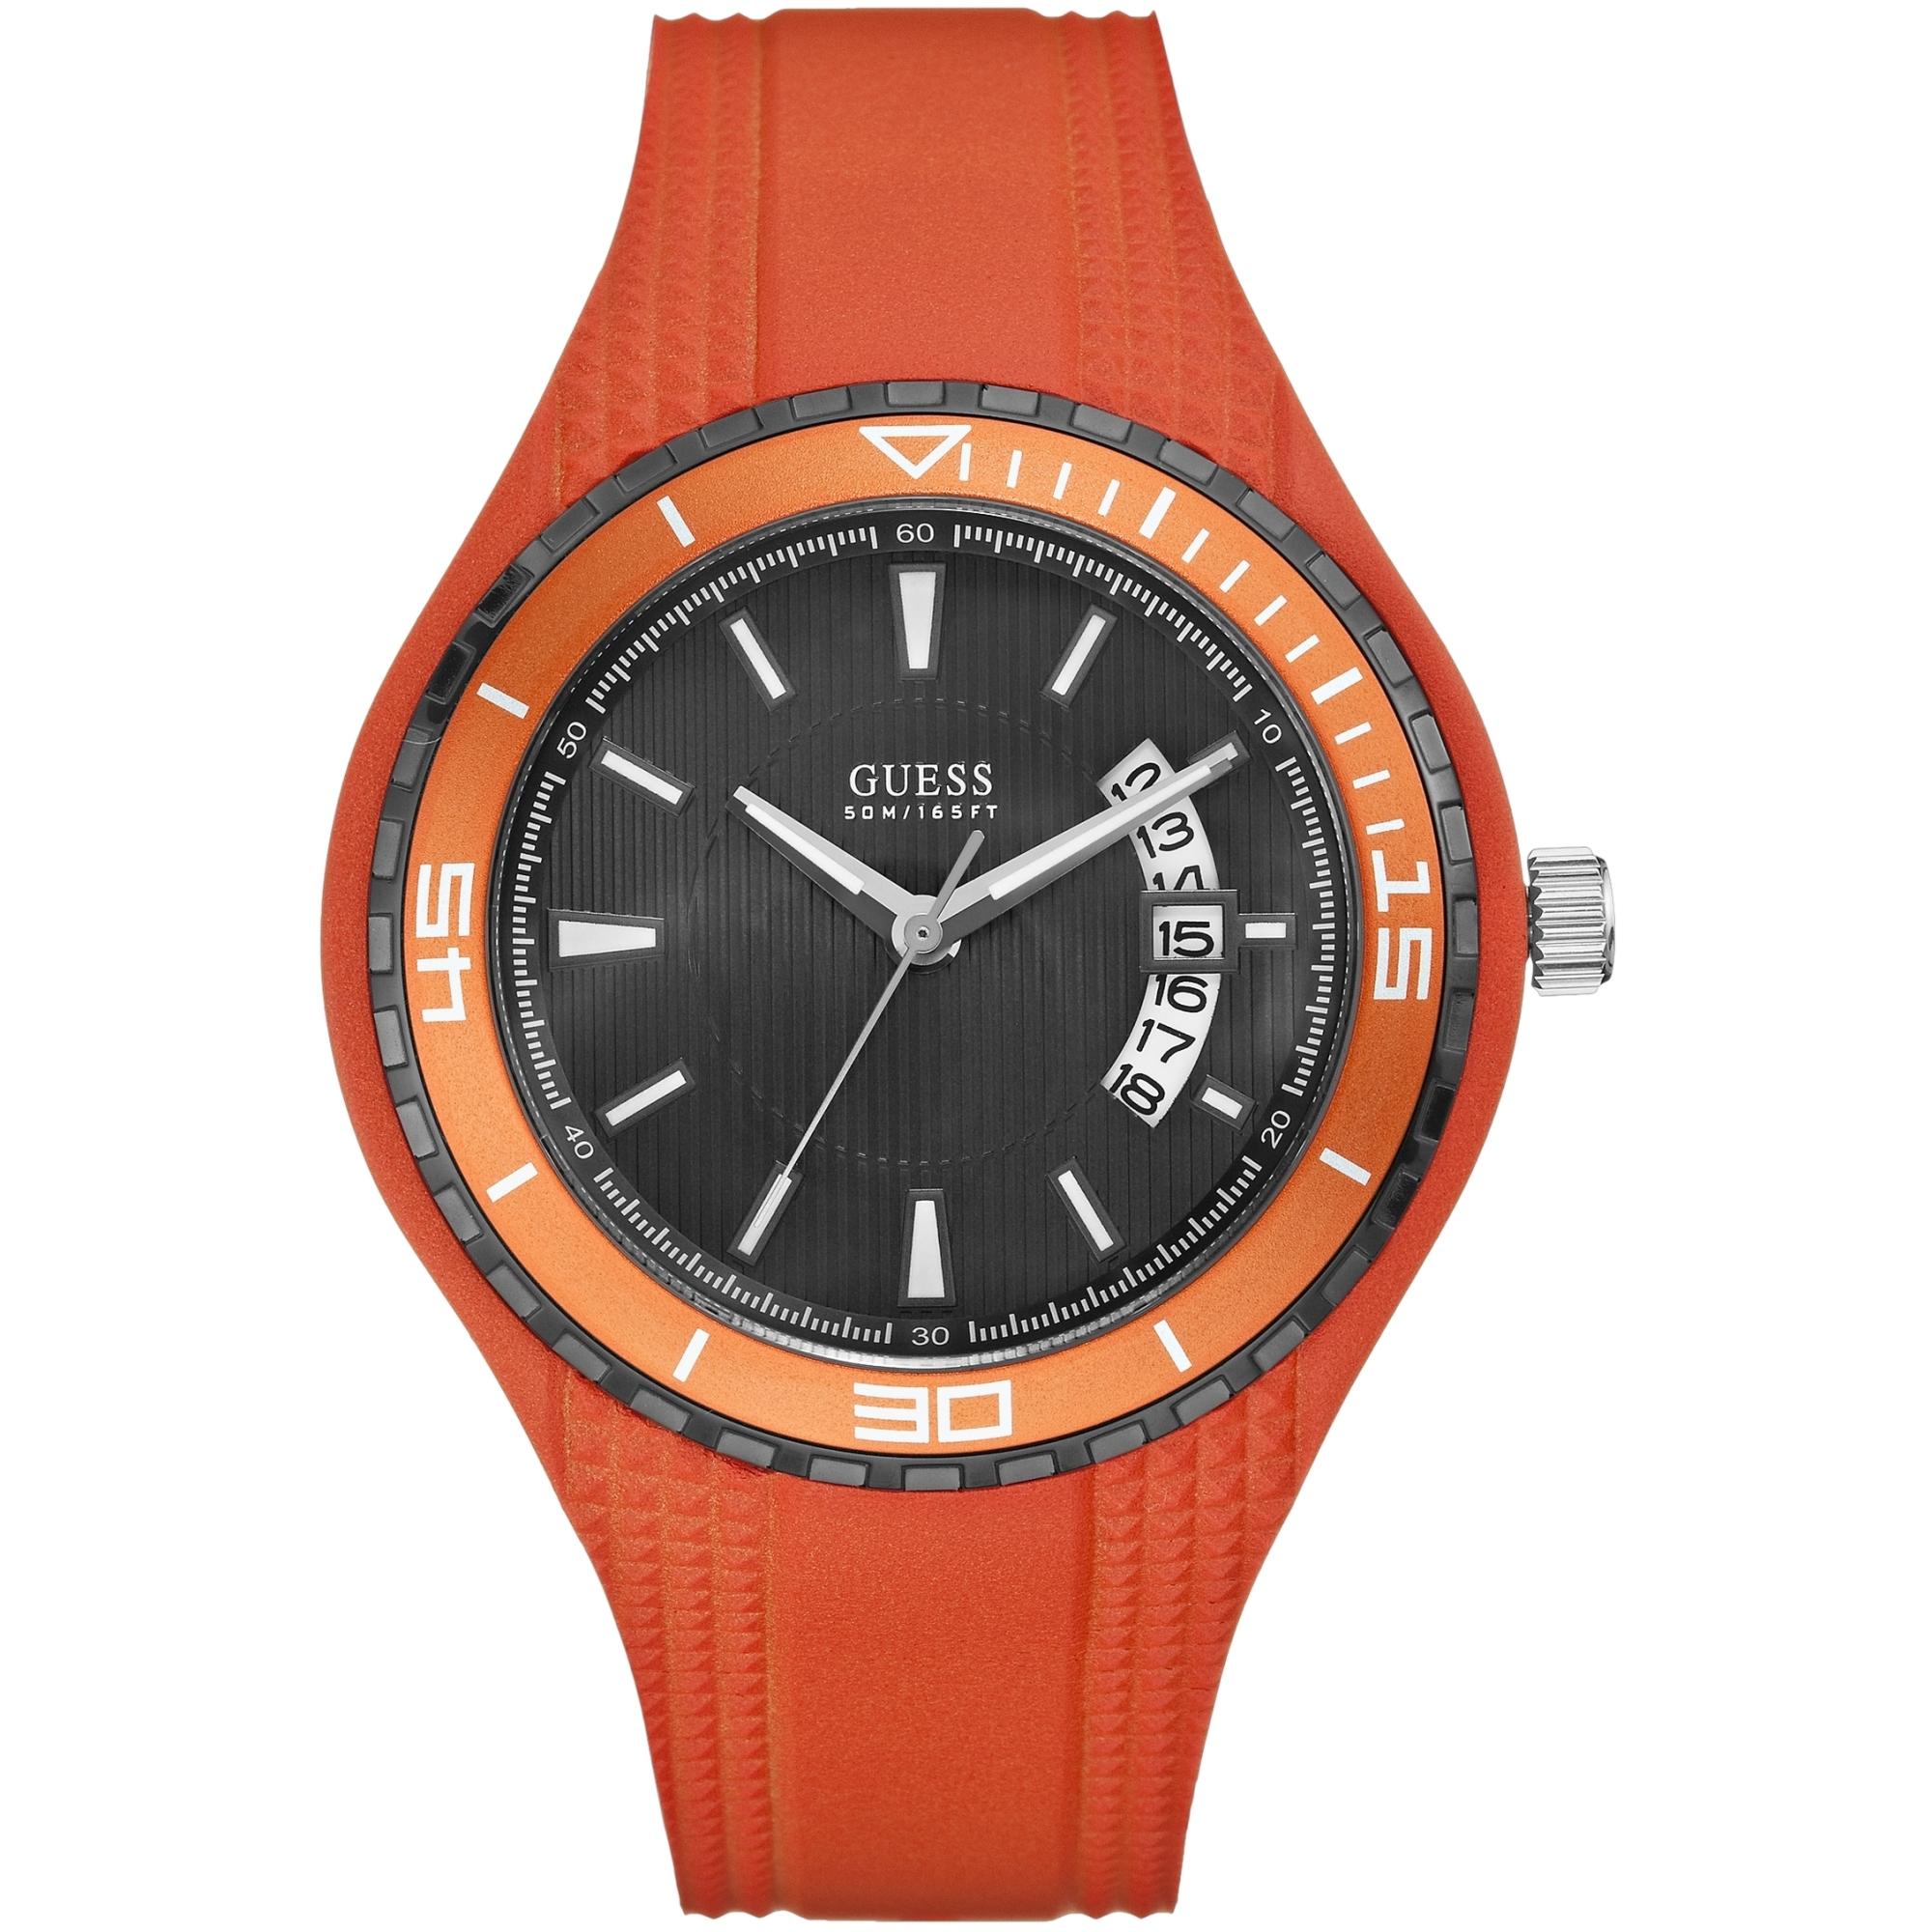 Orologio uomo Guess SPORT FIN W95143G5